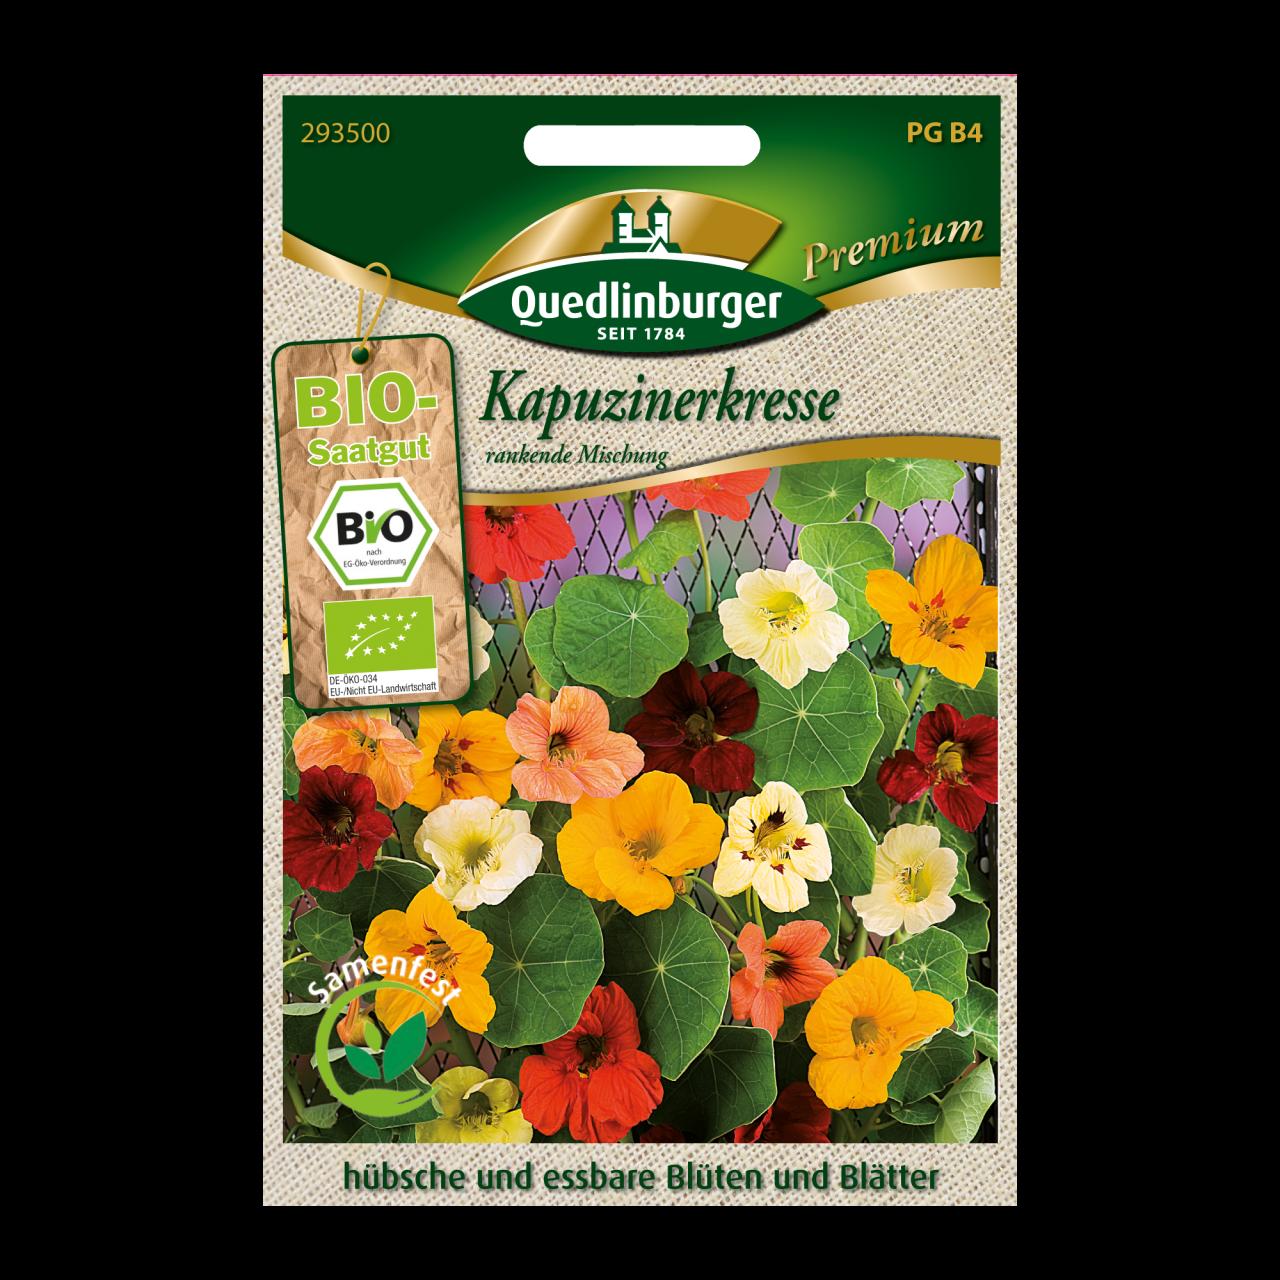 Quedlinburger Saatgut Kapuzinerkresse Vorderseite